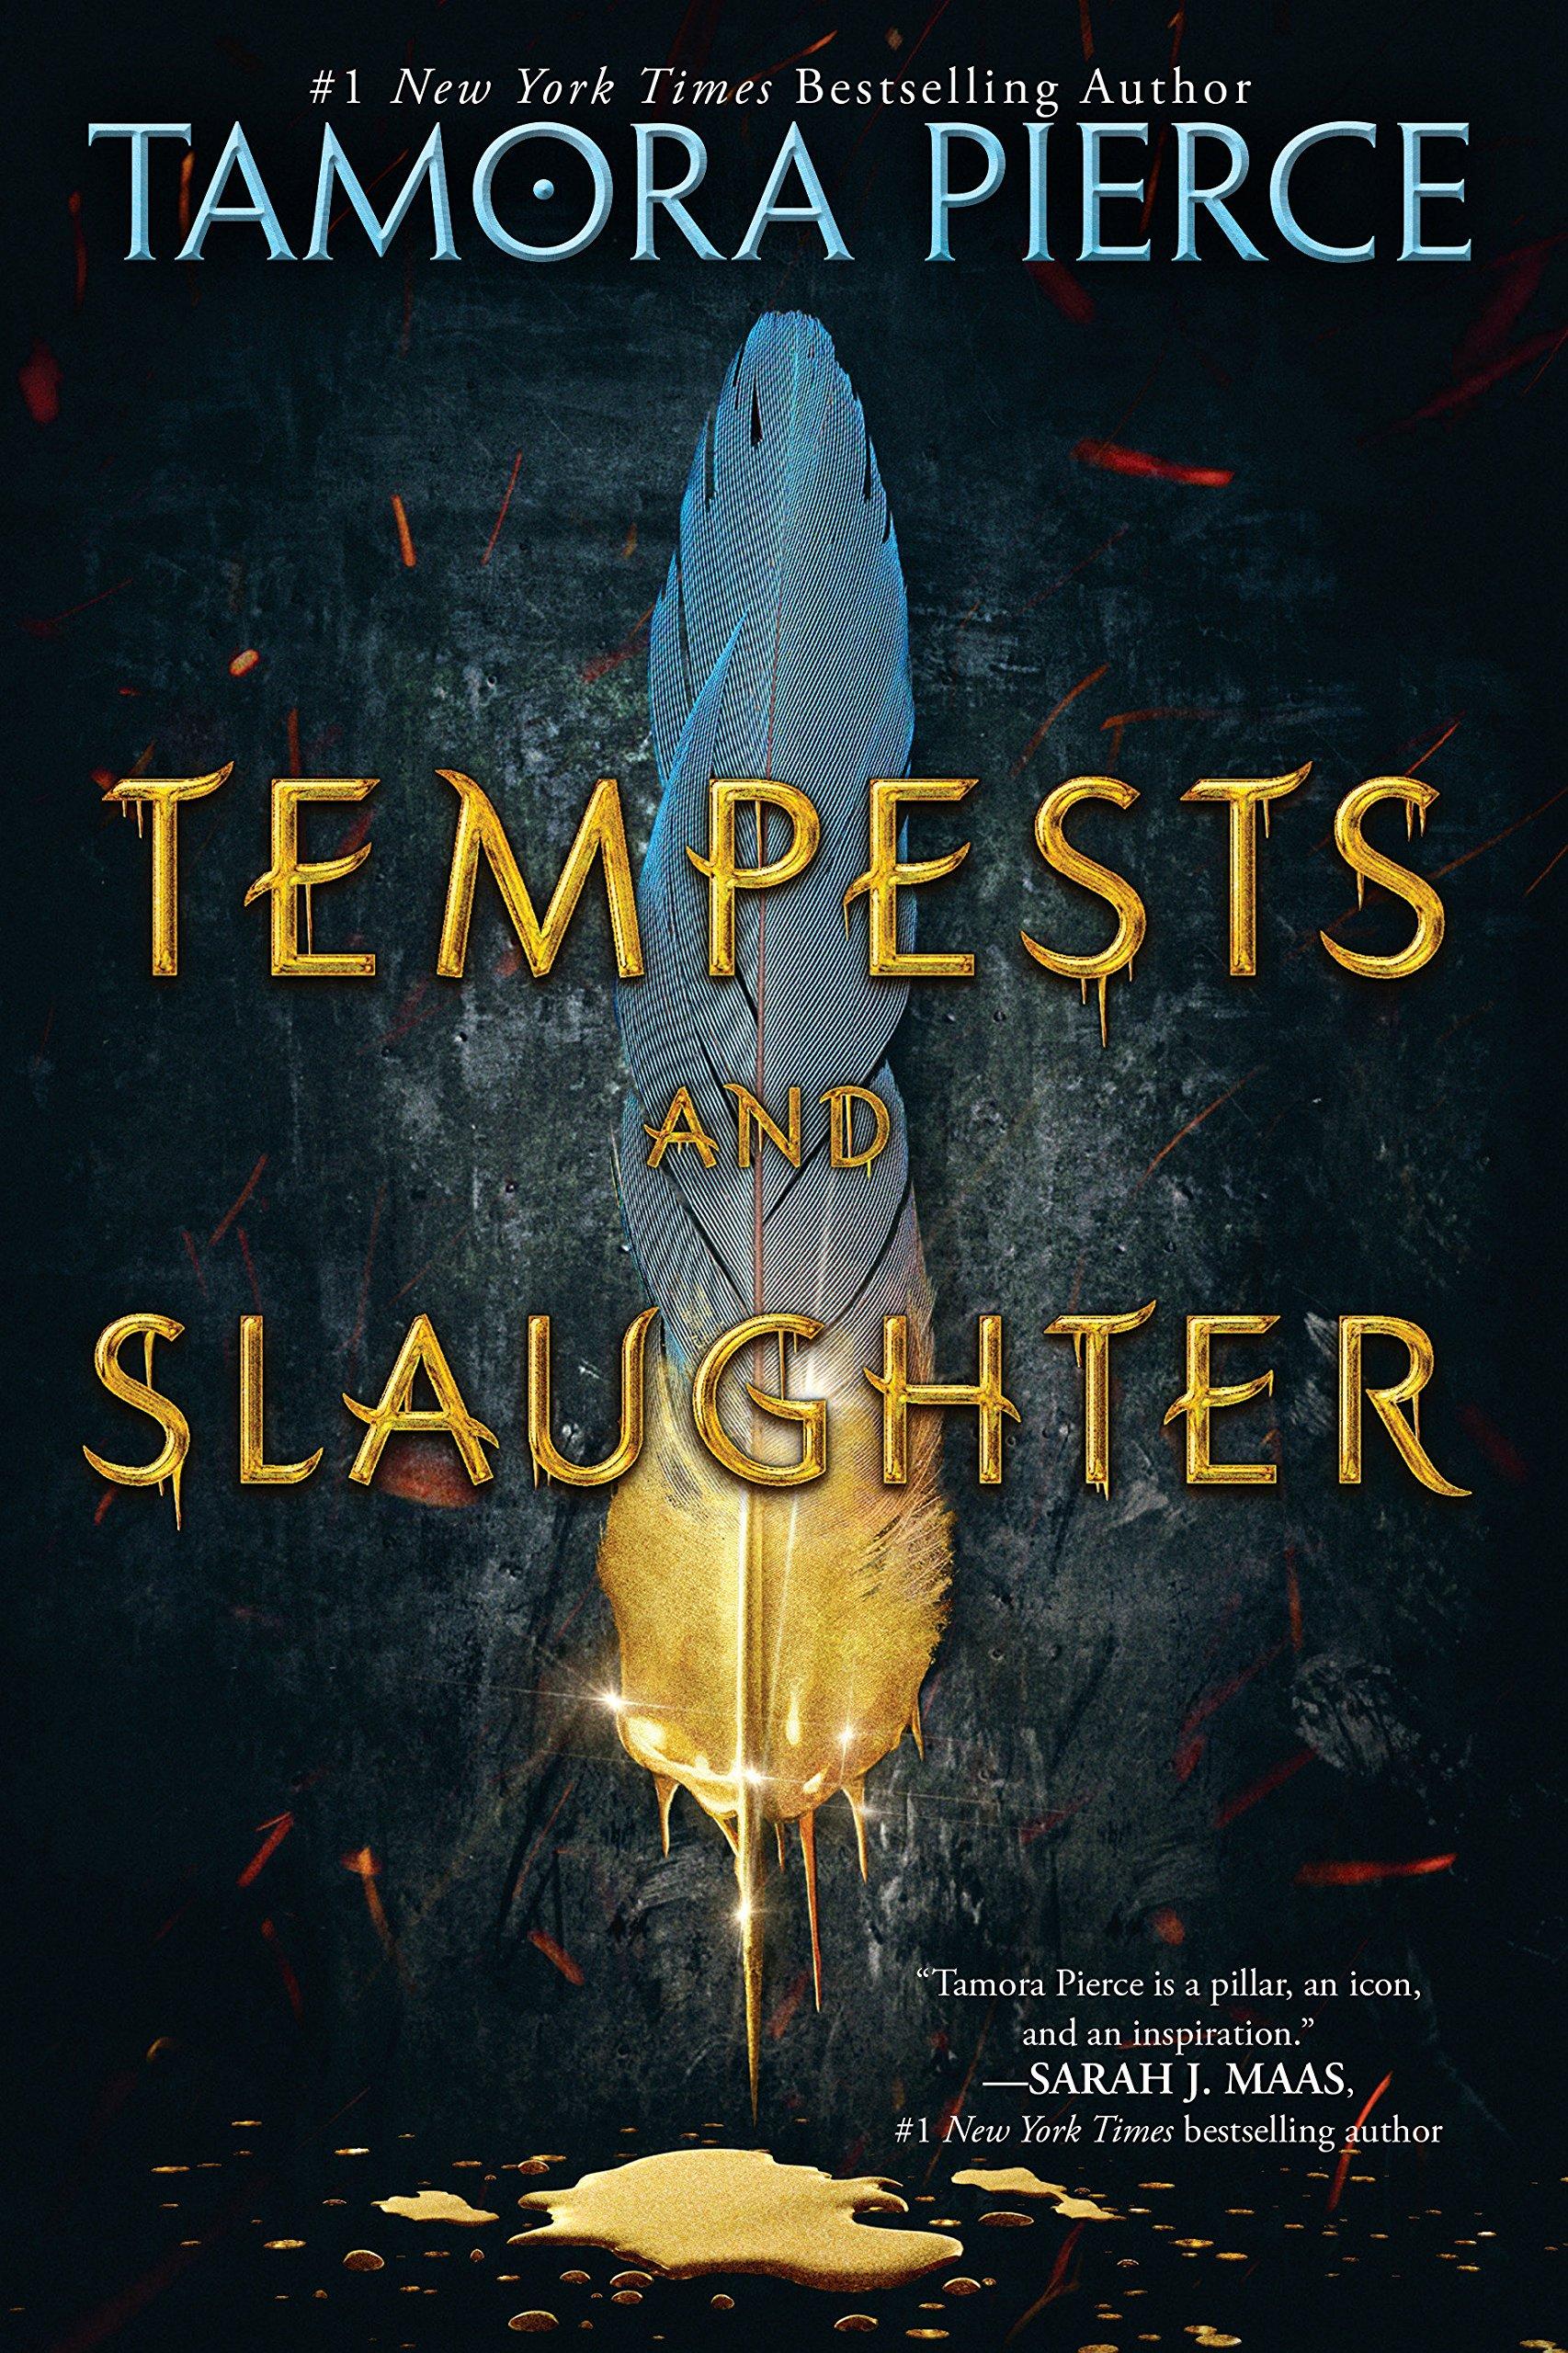 TempestAndSlaughter